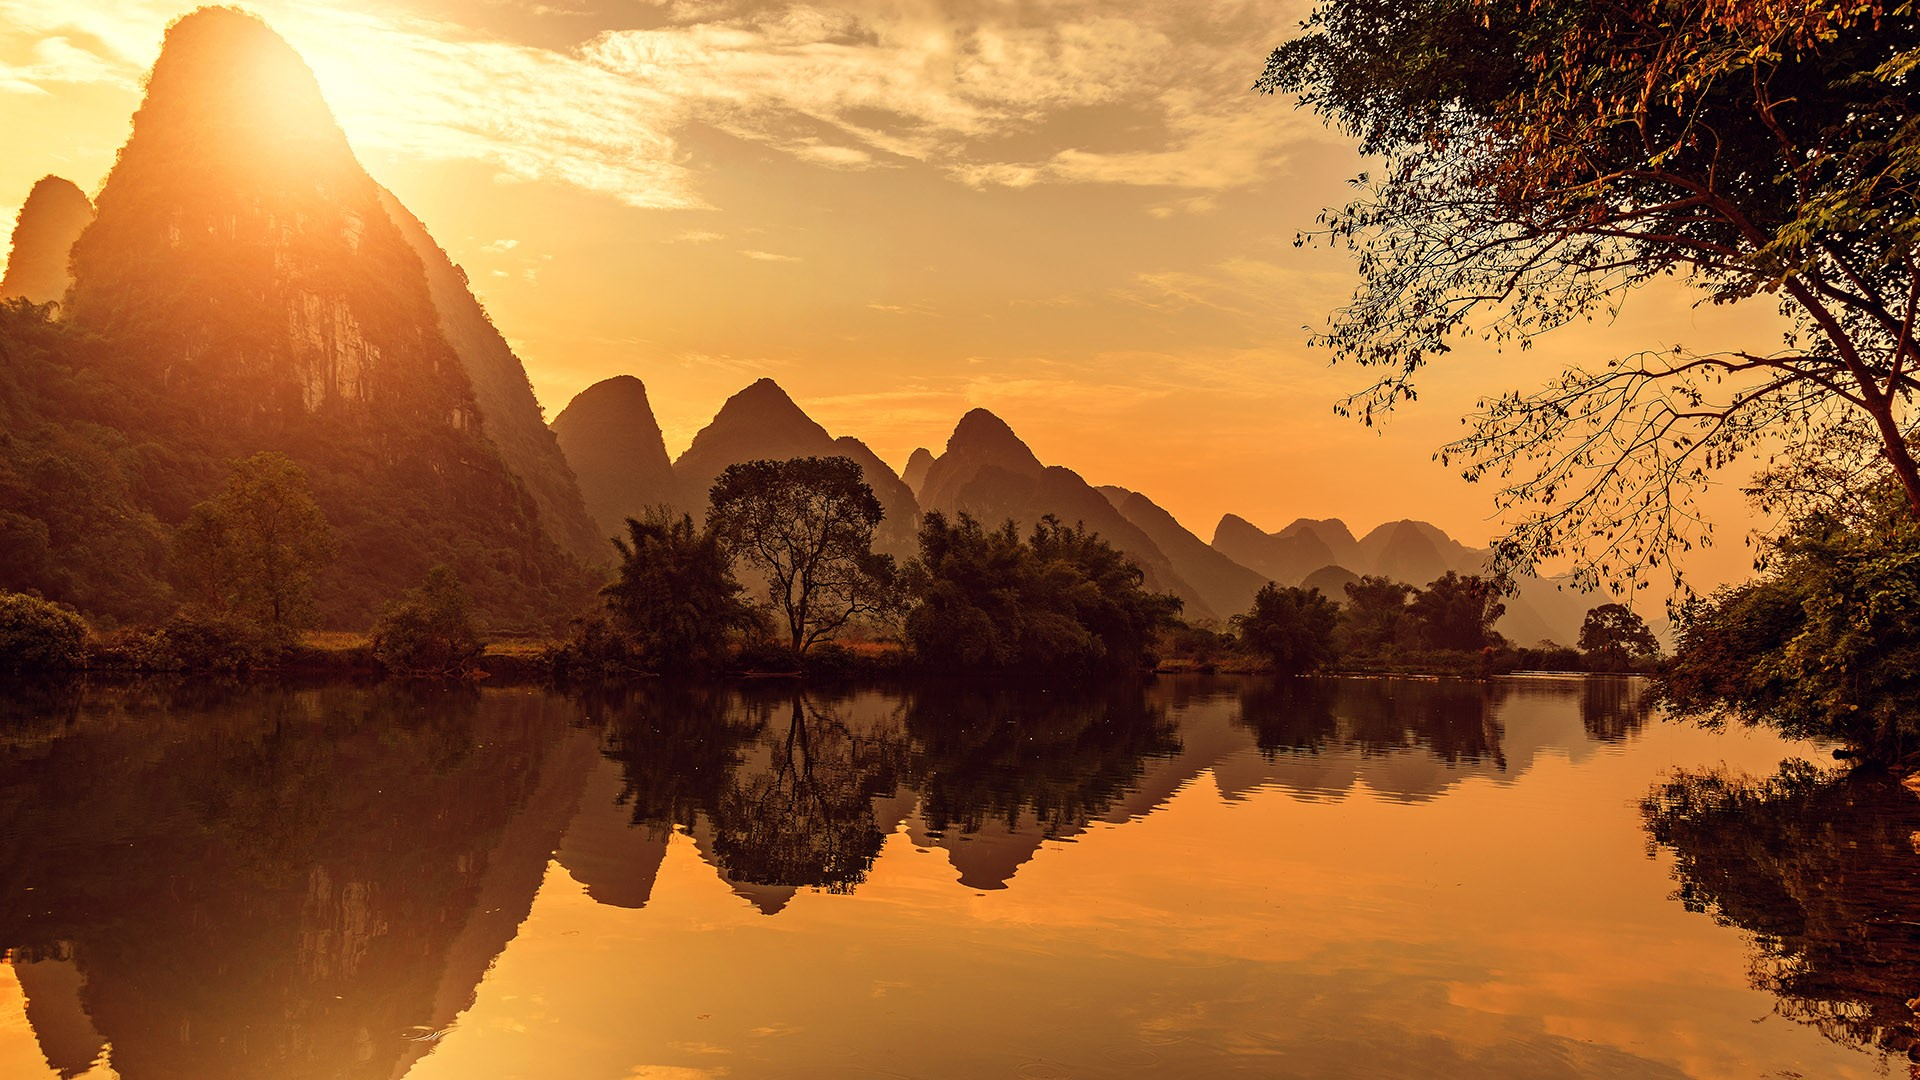 Sunset View Of Li River  Yangshuo  Guangxi  China